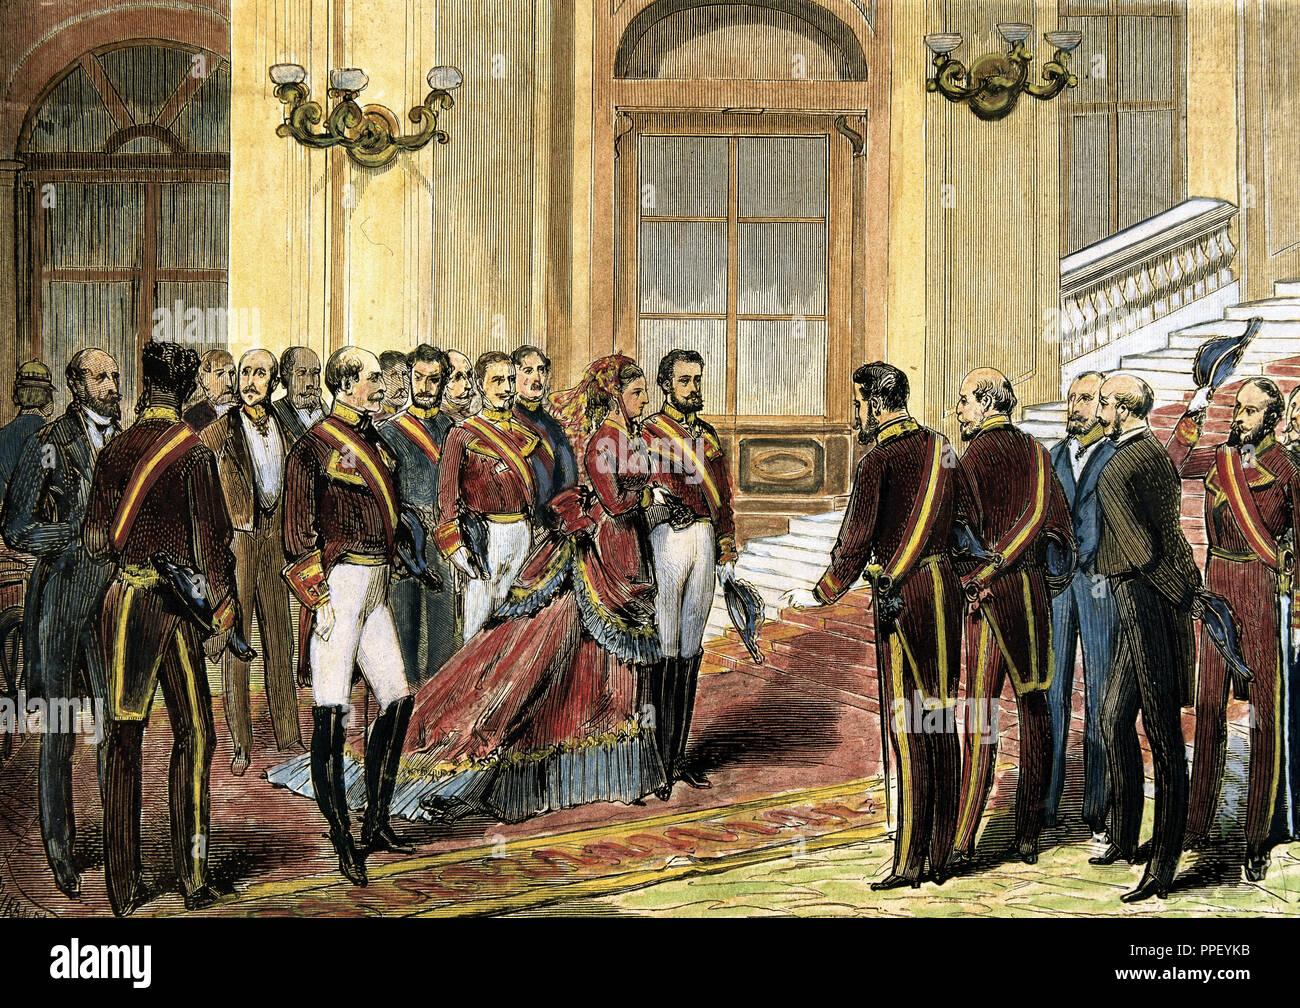 Reinado De Amadeo I Rey De España 1871 1873 Entrada En Palacio De S M La Reina